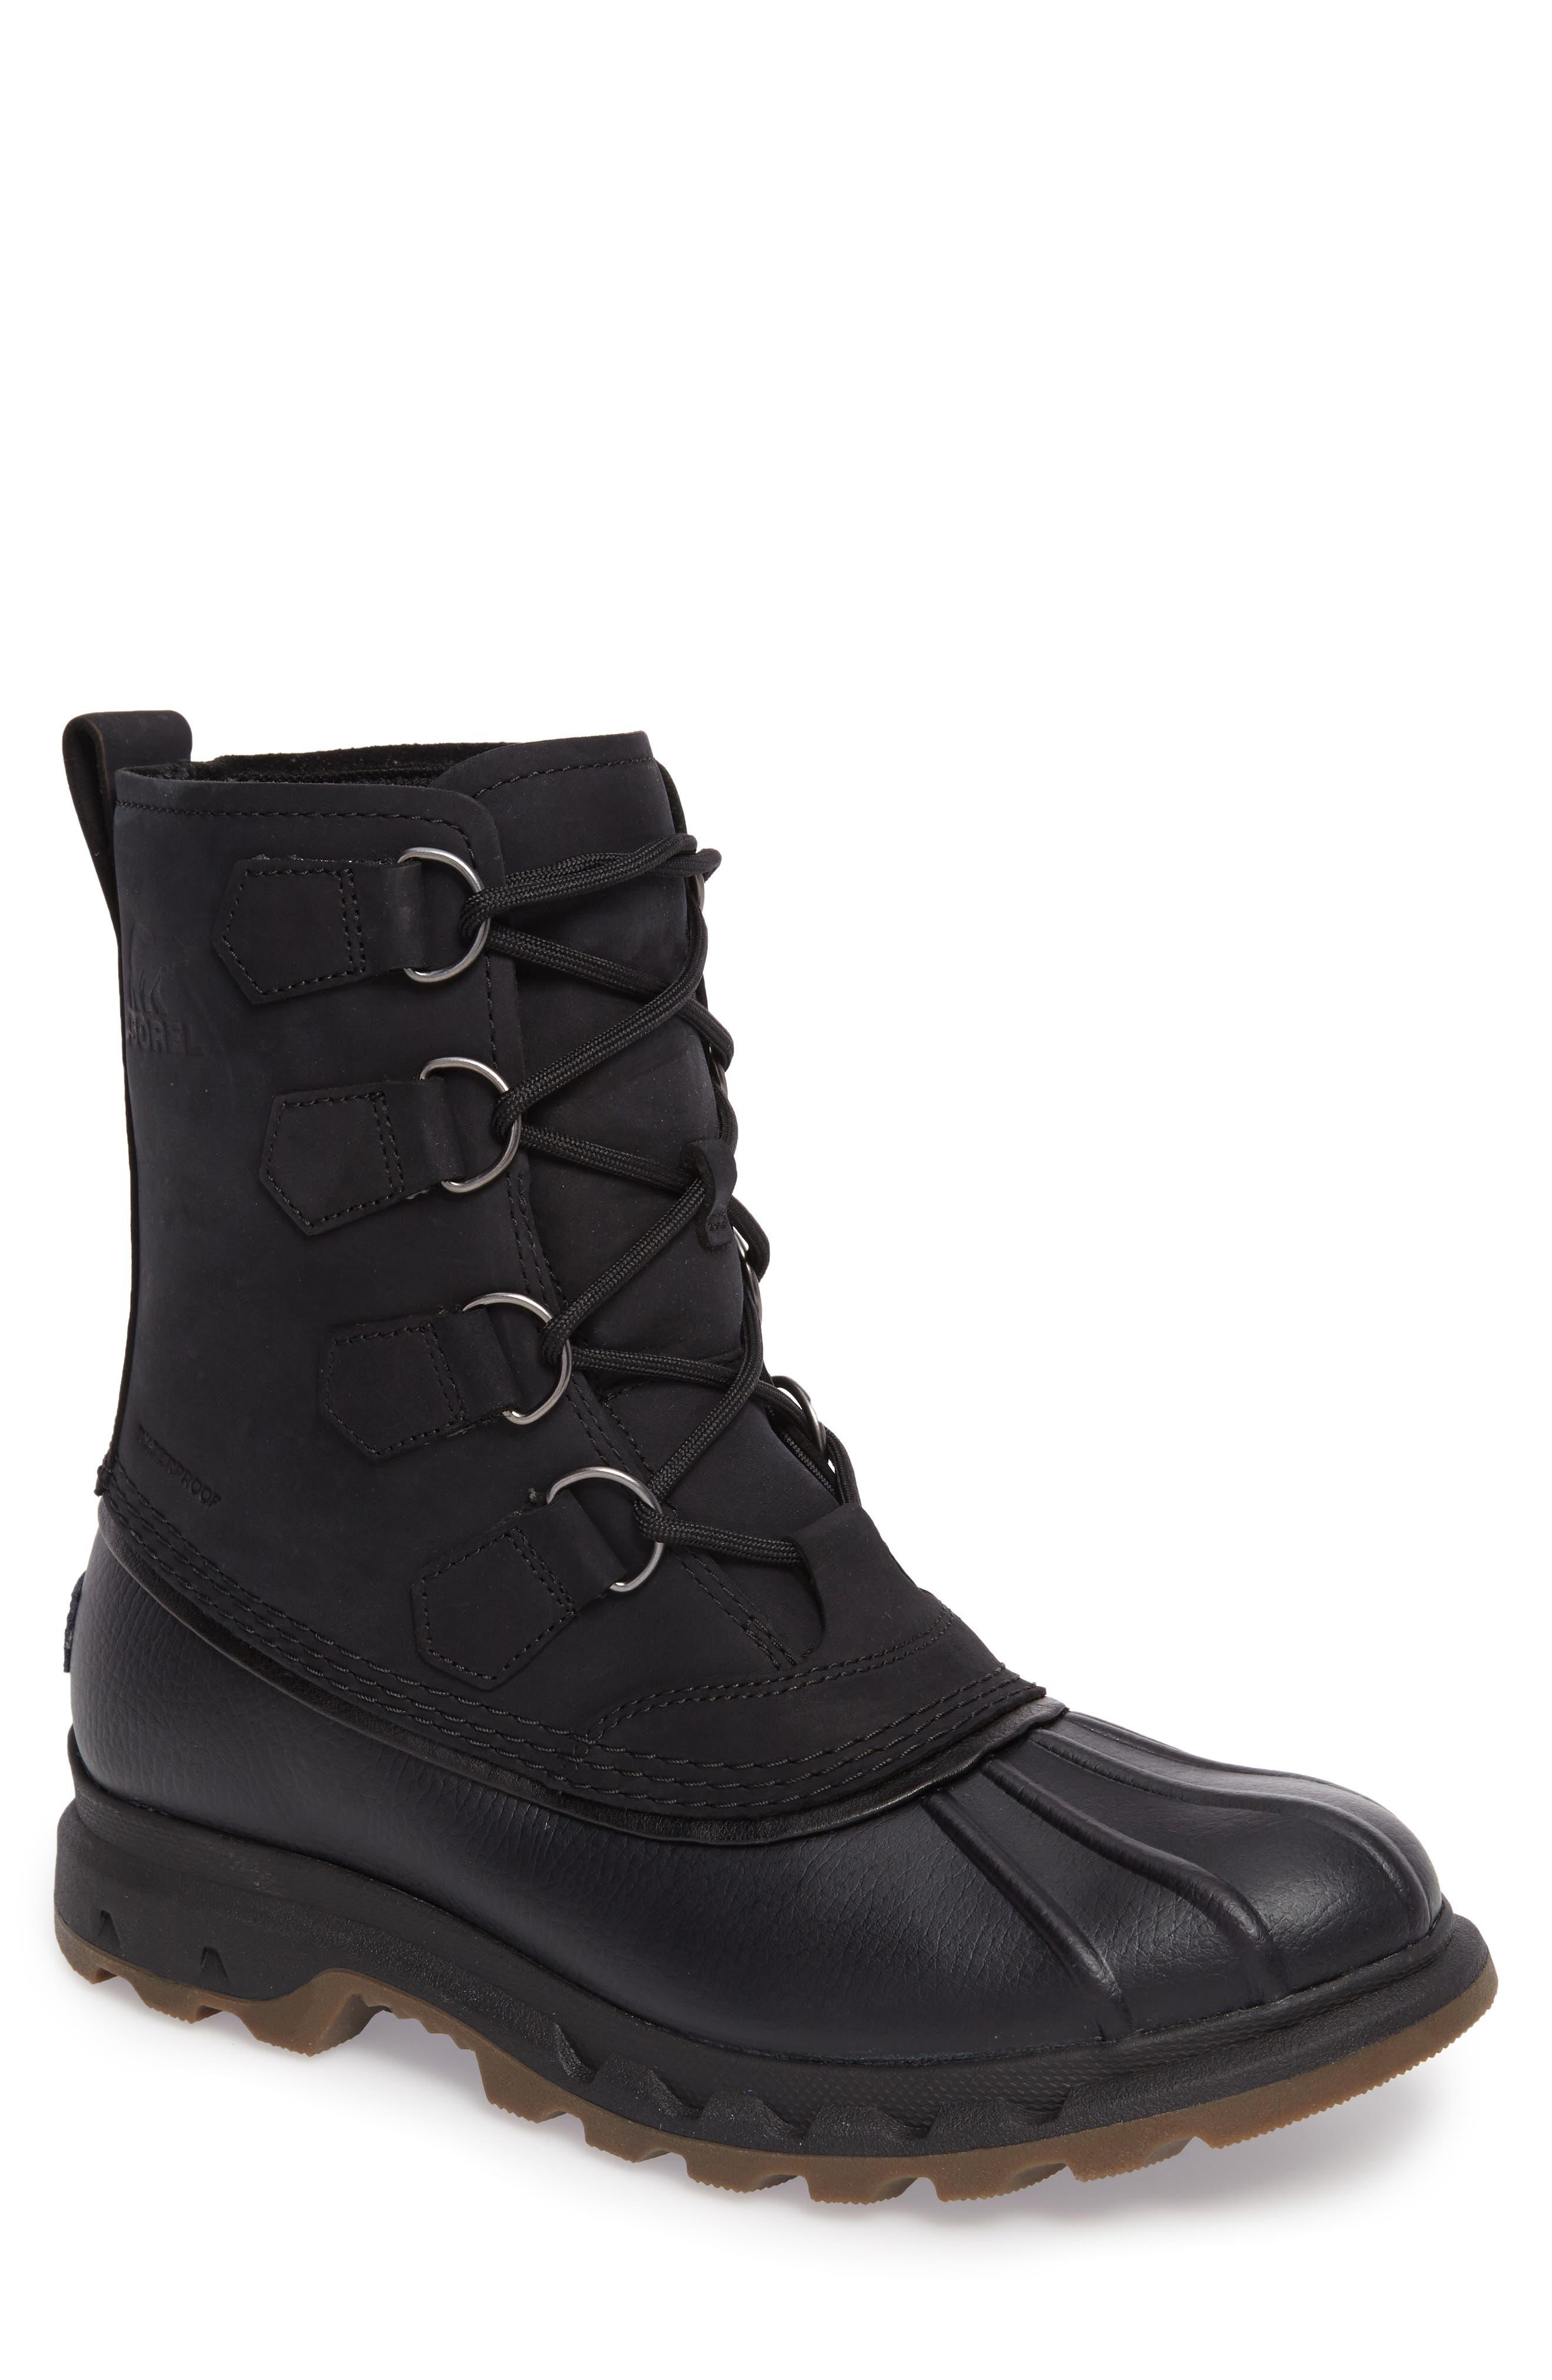 Portzman Classic Rain Boot,                         Main,                         color, 010